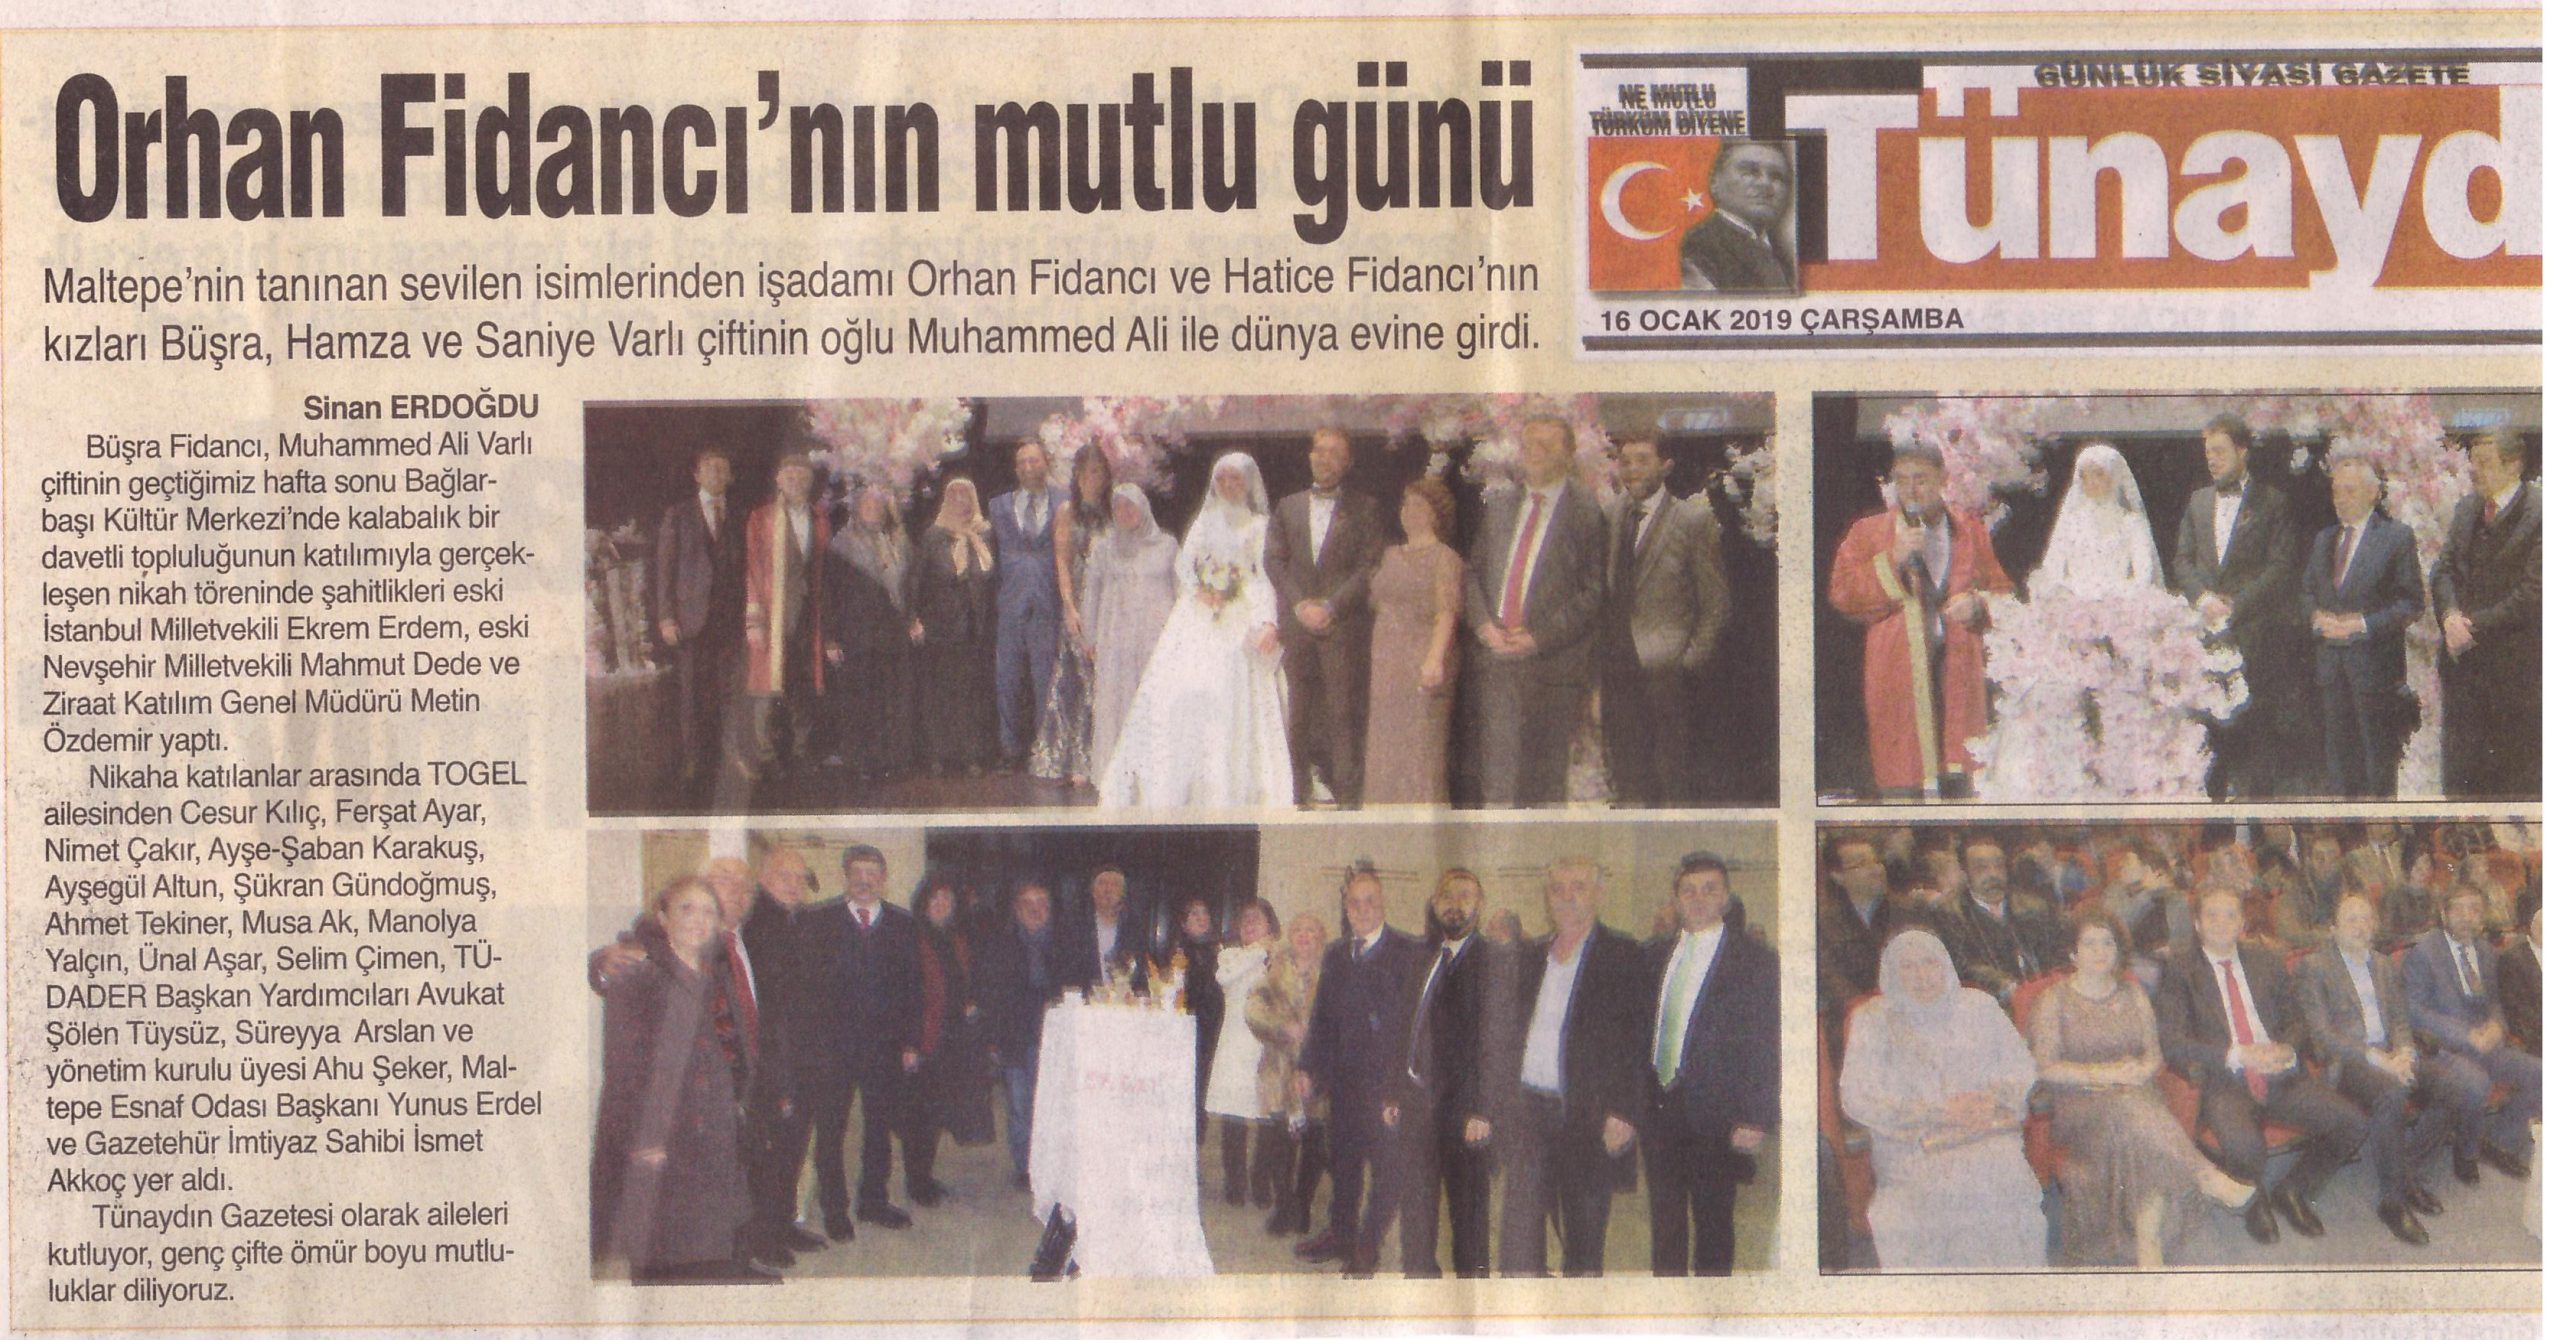 Orhan Fidancı'nın mutlu günü